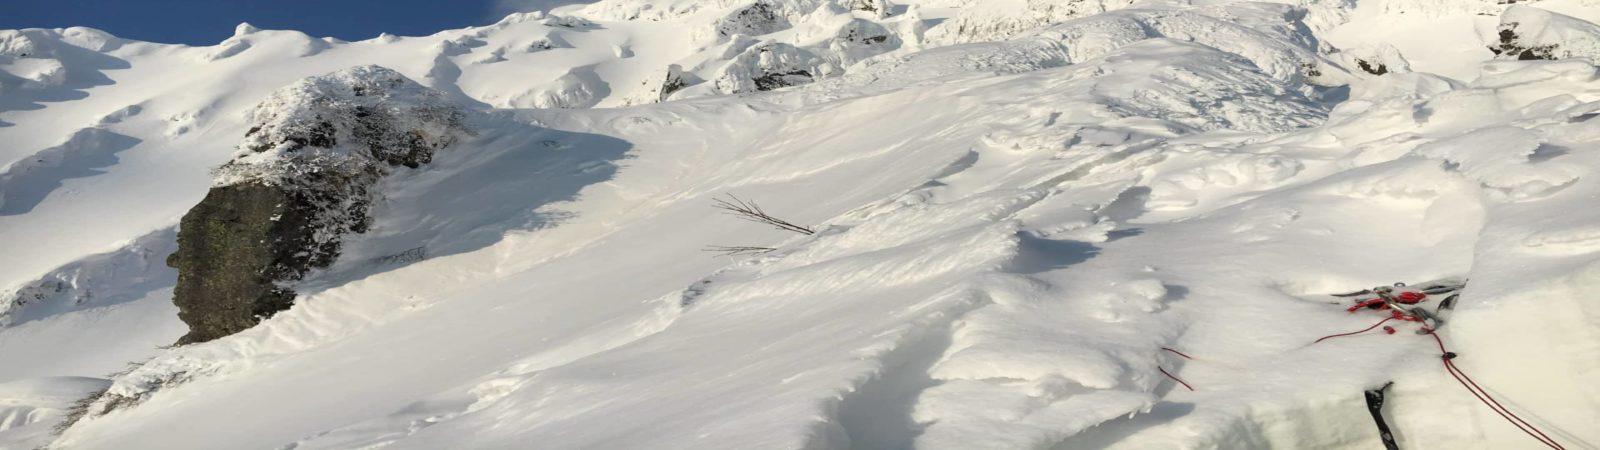 Mt Rishiri winter alpine climb, East Ridge